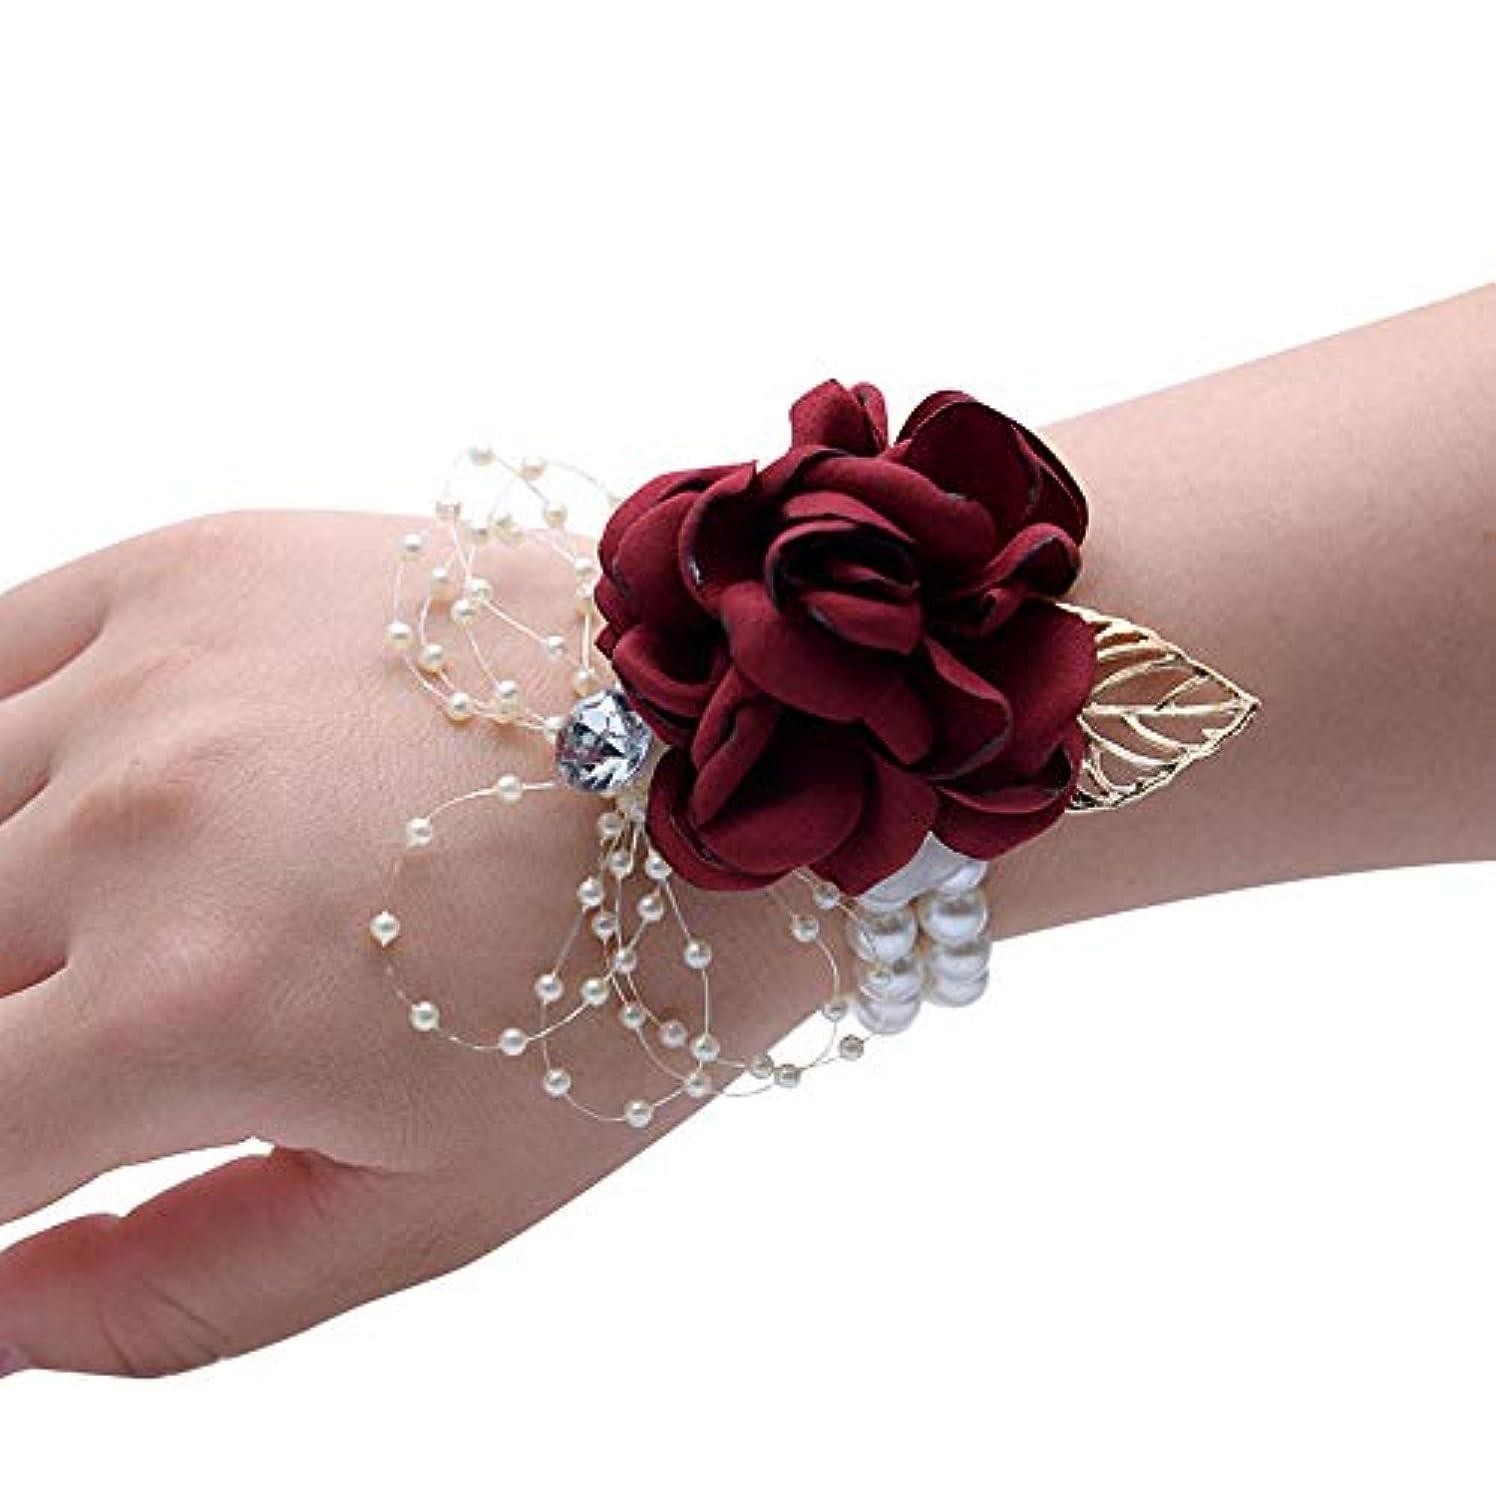 責め涙が出るレガシーMerssavo 手首の花 - 女の子チャーム手首コサージュブレスレット花嫁介添人姉妹の手の花のどの真珠の結婚式、ワインレッド